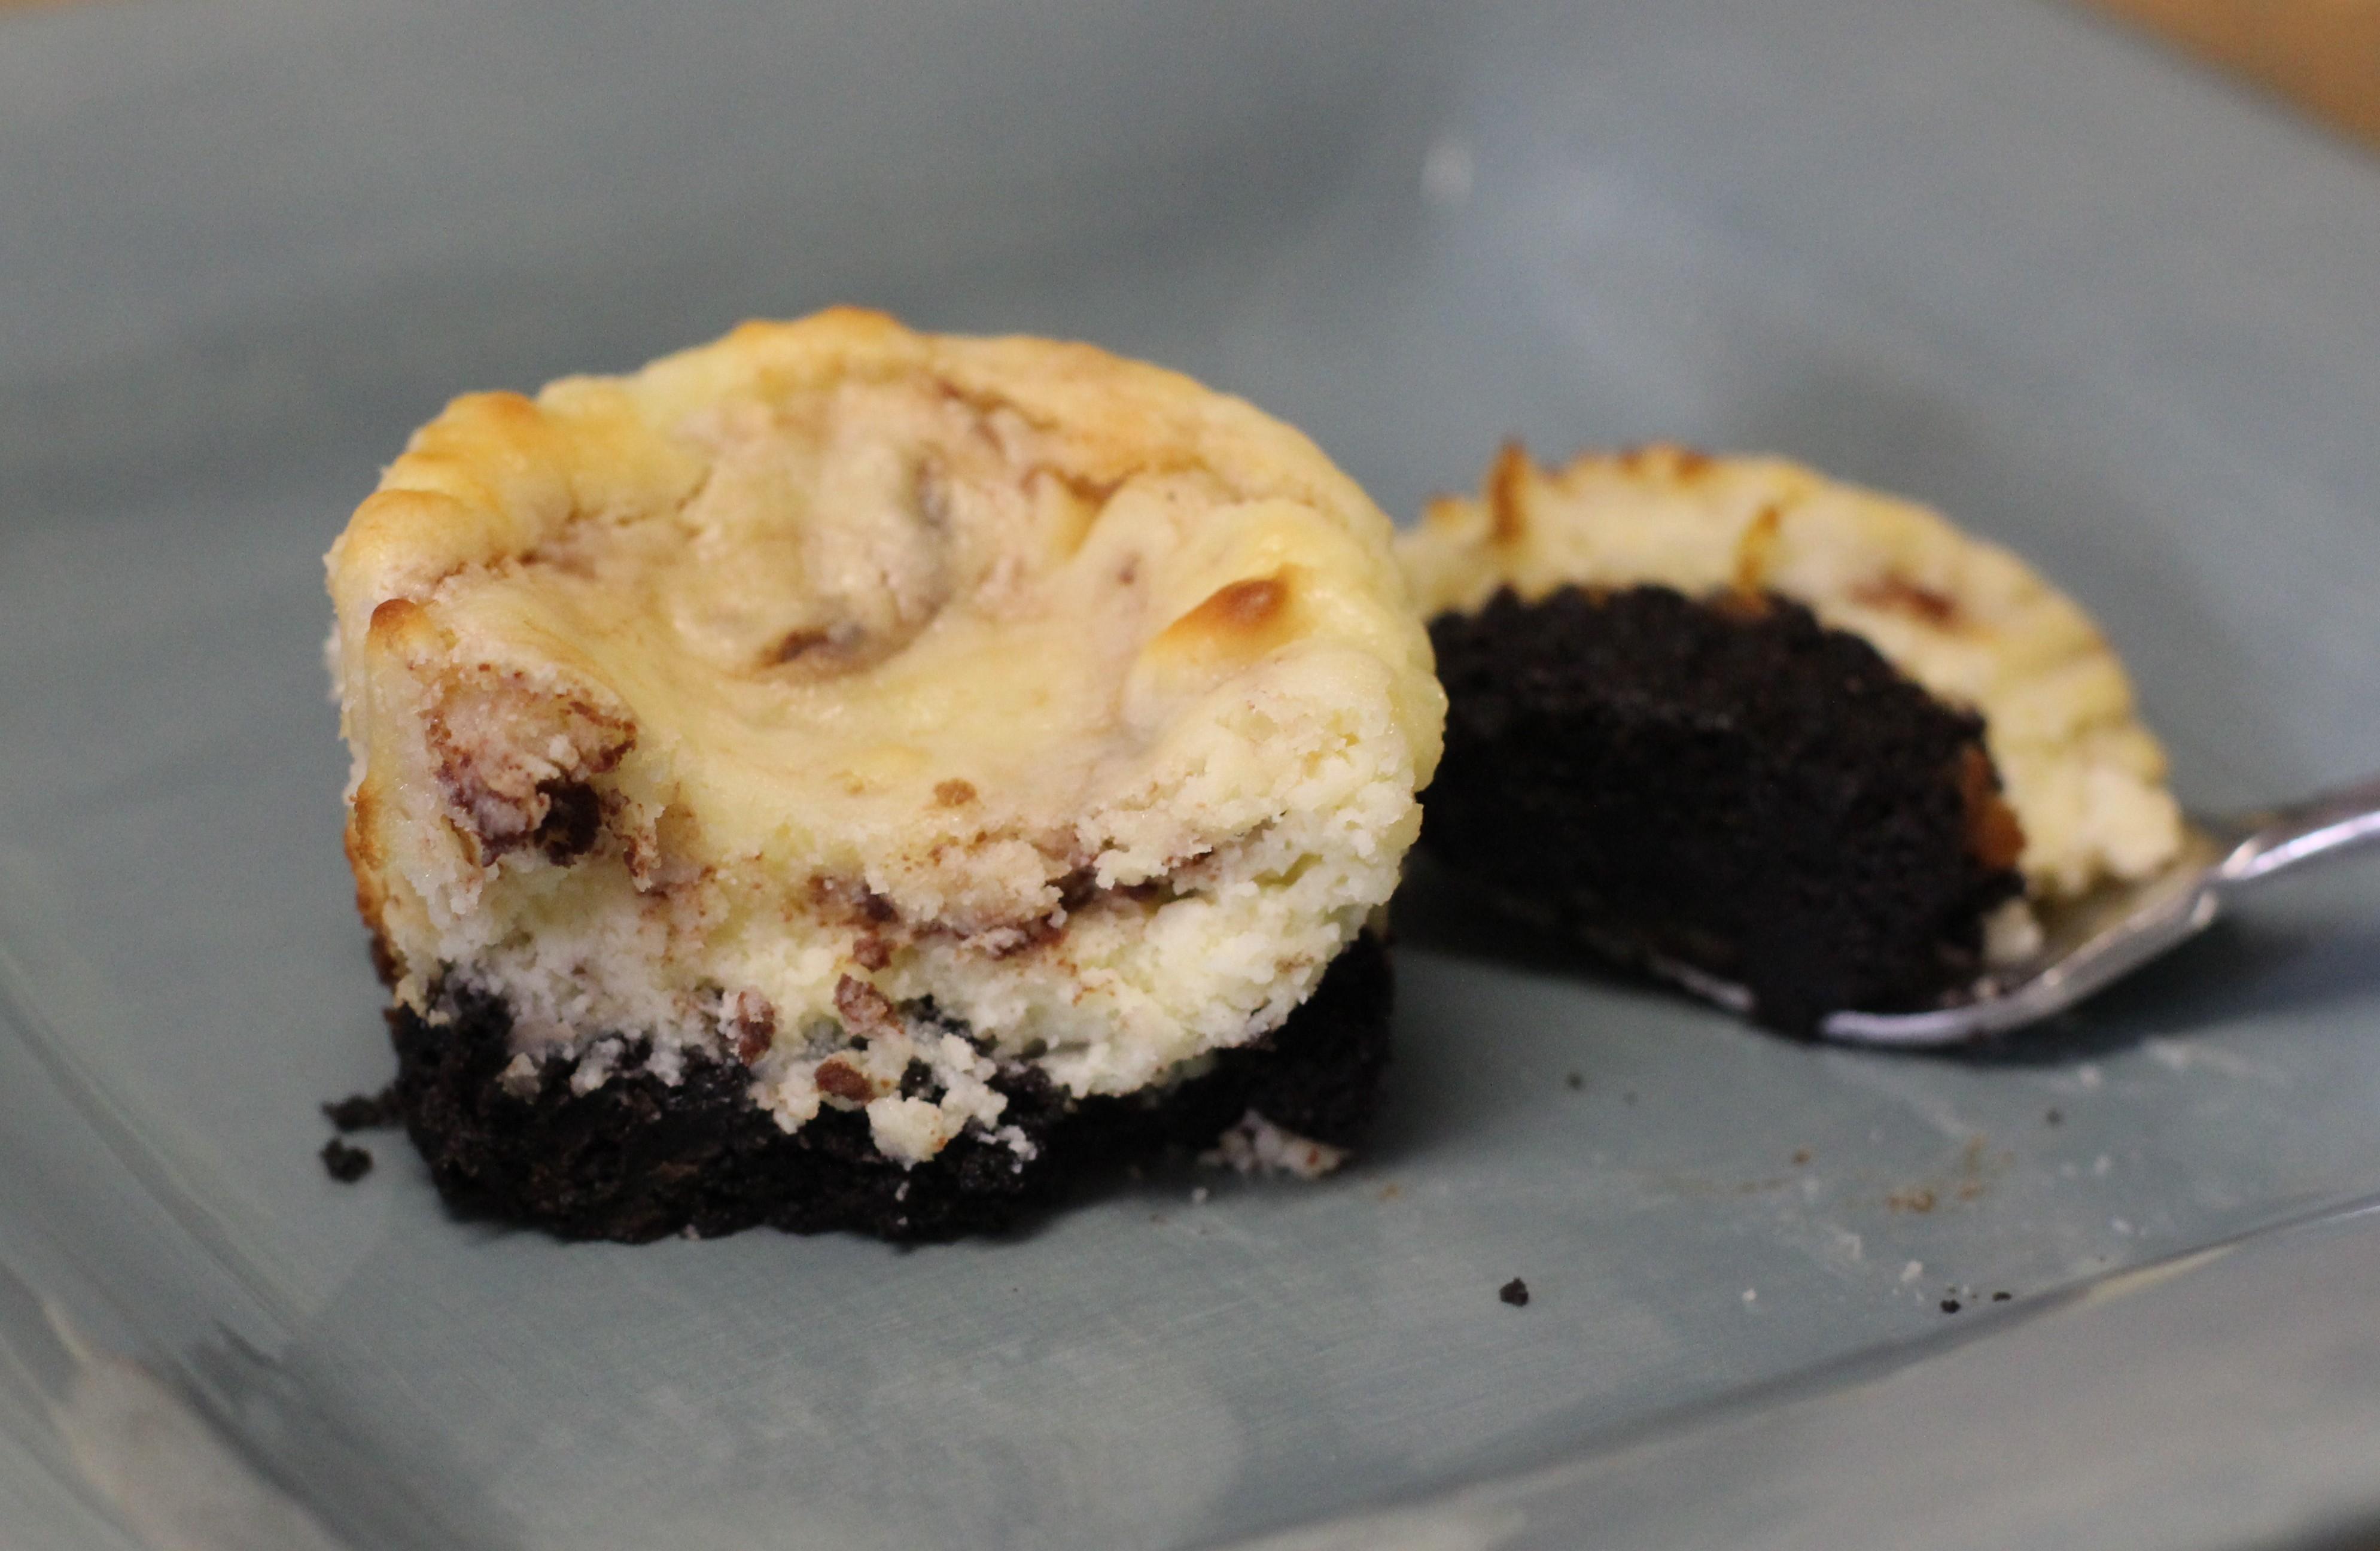 Mini Chocolate Swirl Cheesecakes